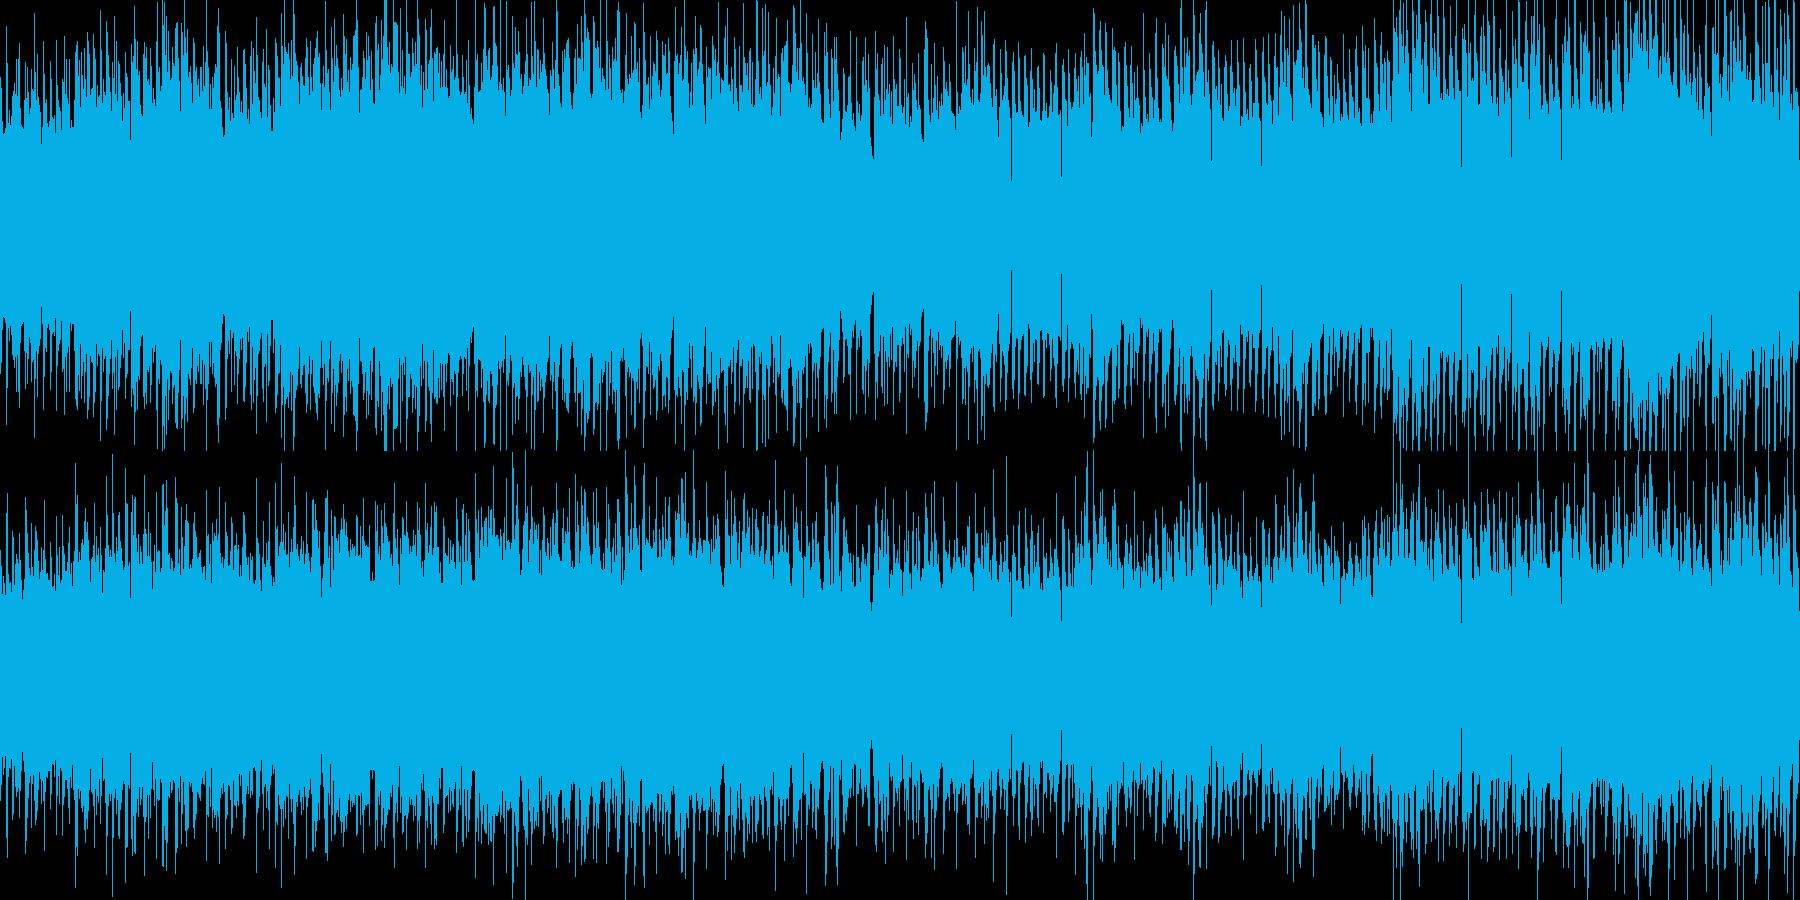 【電子音サウンド】浮遊感ループBGMの再生済みの波形